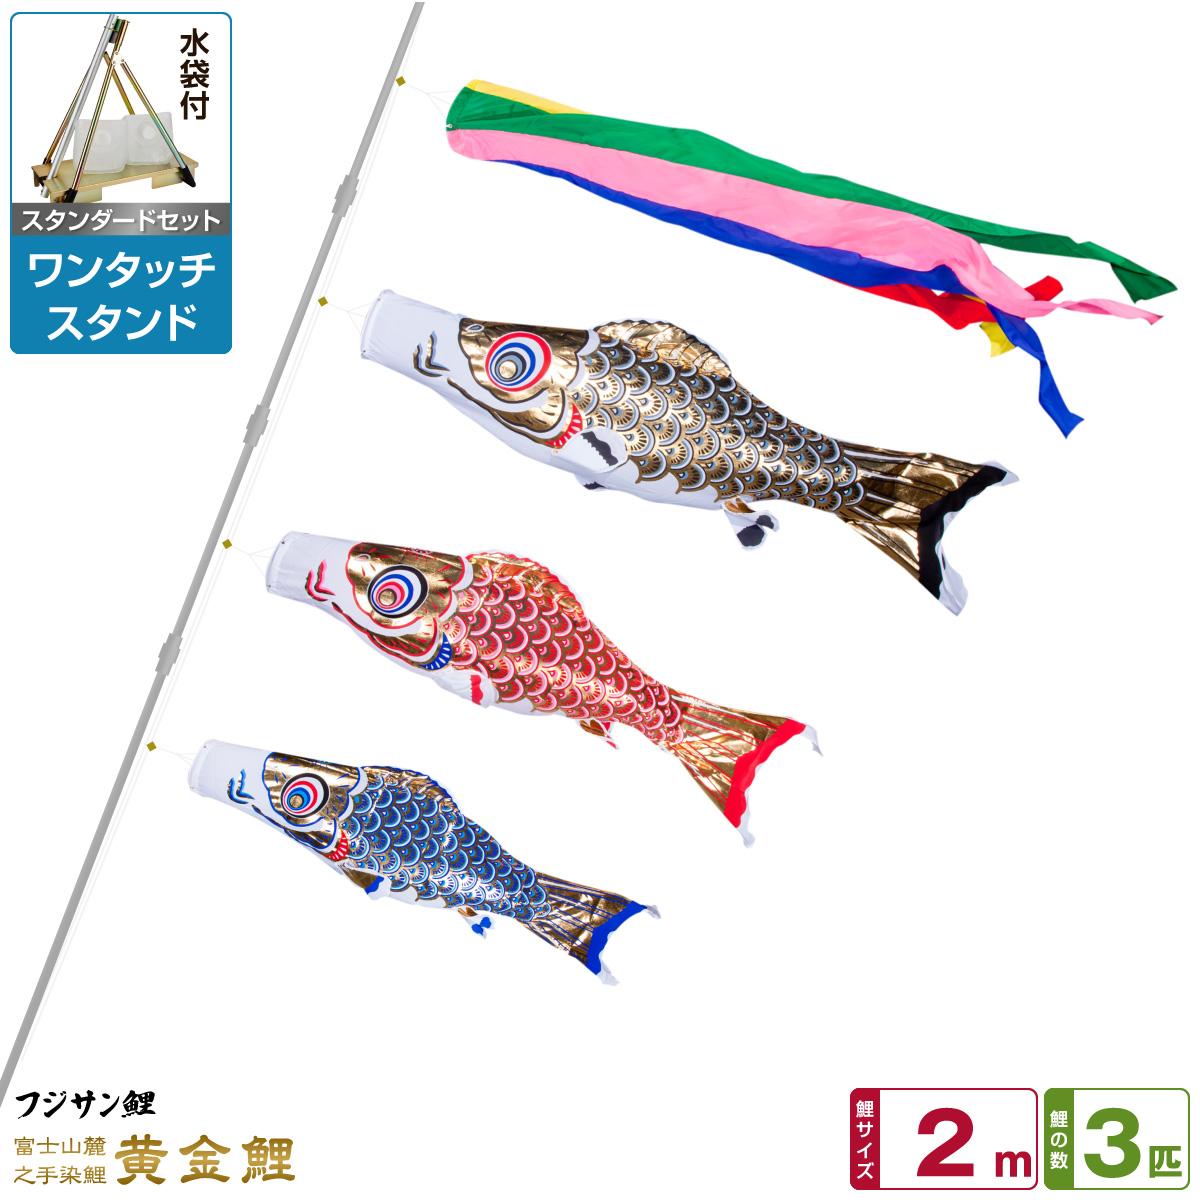 ベランダ用 こいのぼり 鯉のぼり フジサン鯉 黄金鯉 2m 6点(吹流し+鯉3匹+矢車+ロープ)/スタンダードセット(ワンタッチスタンド)